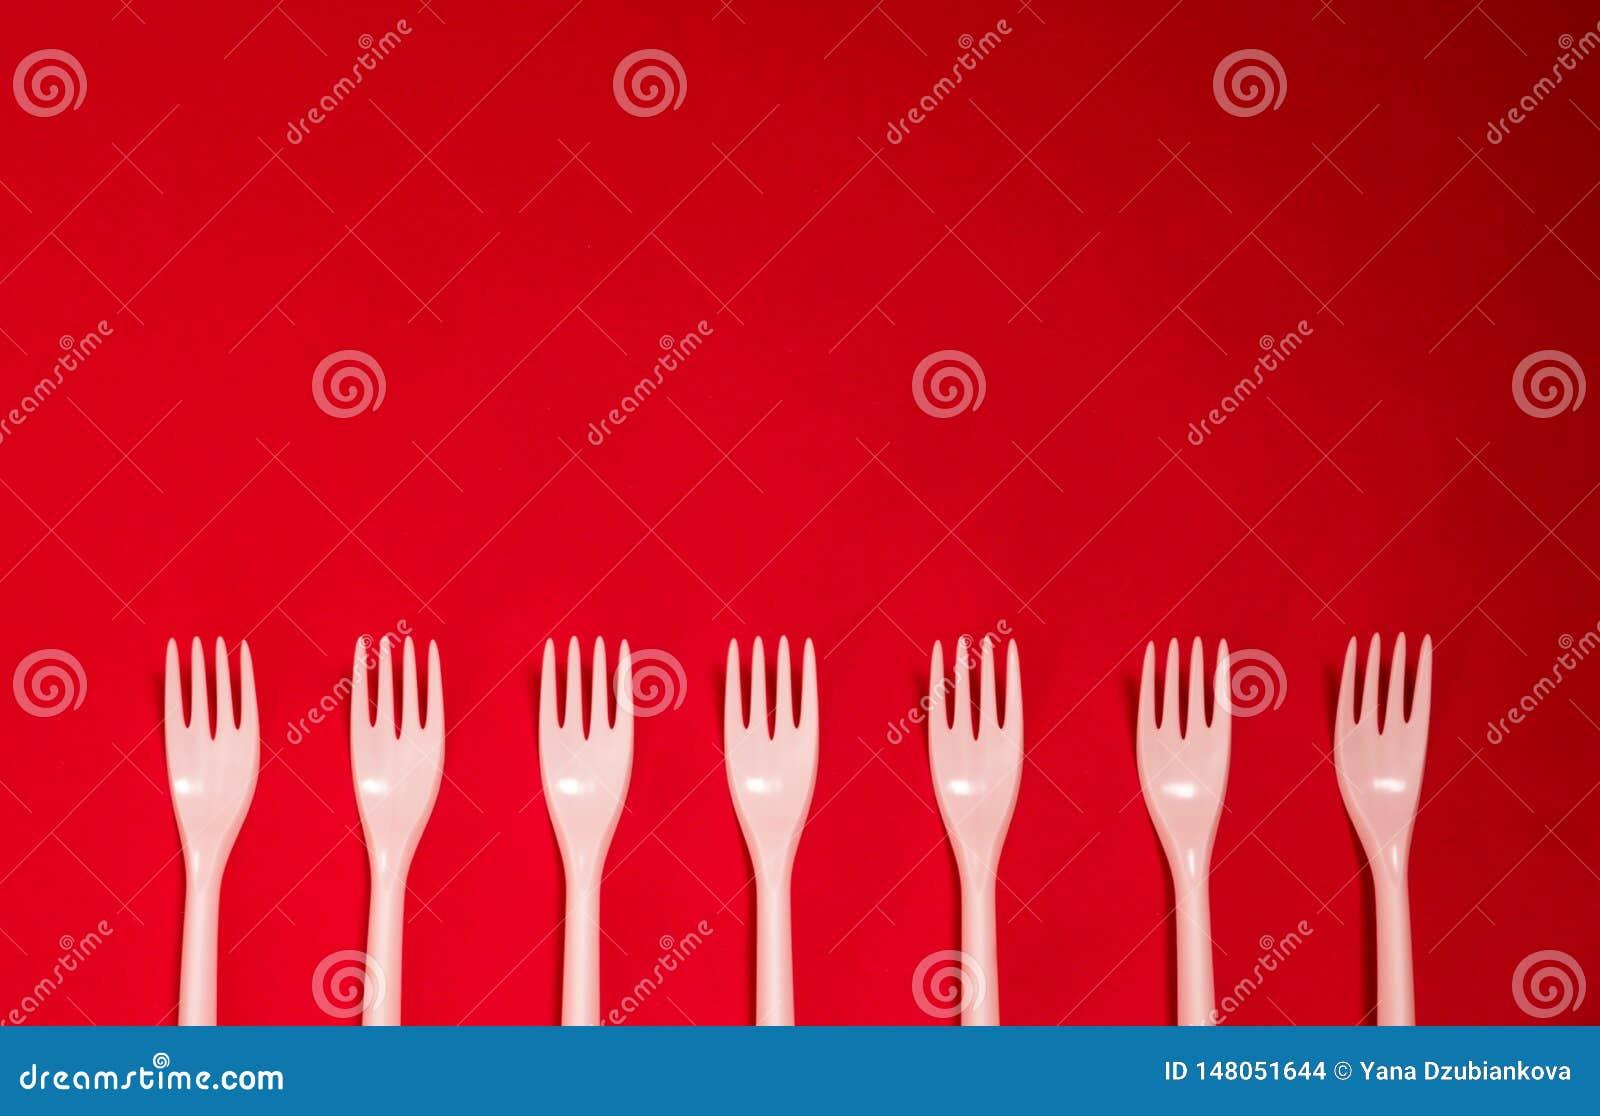 Ustensiles jetables en plastique de fourchettes sur un fond rouge